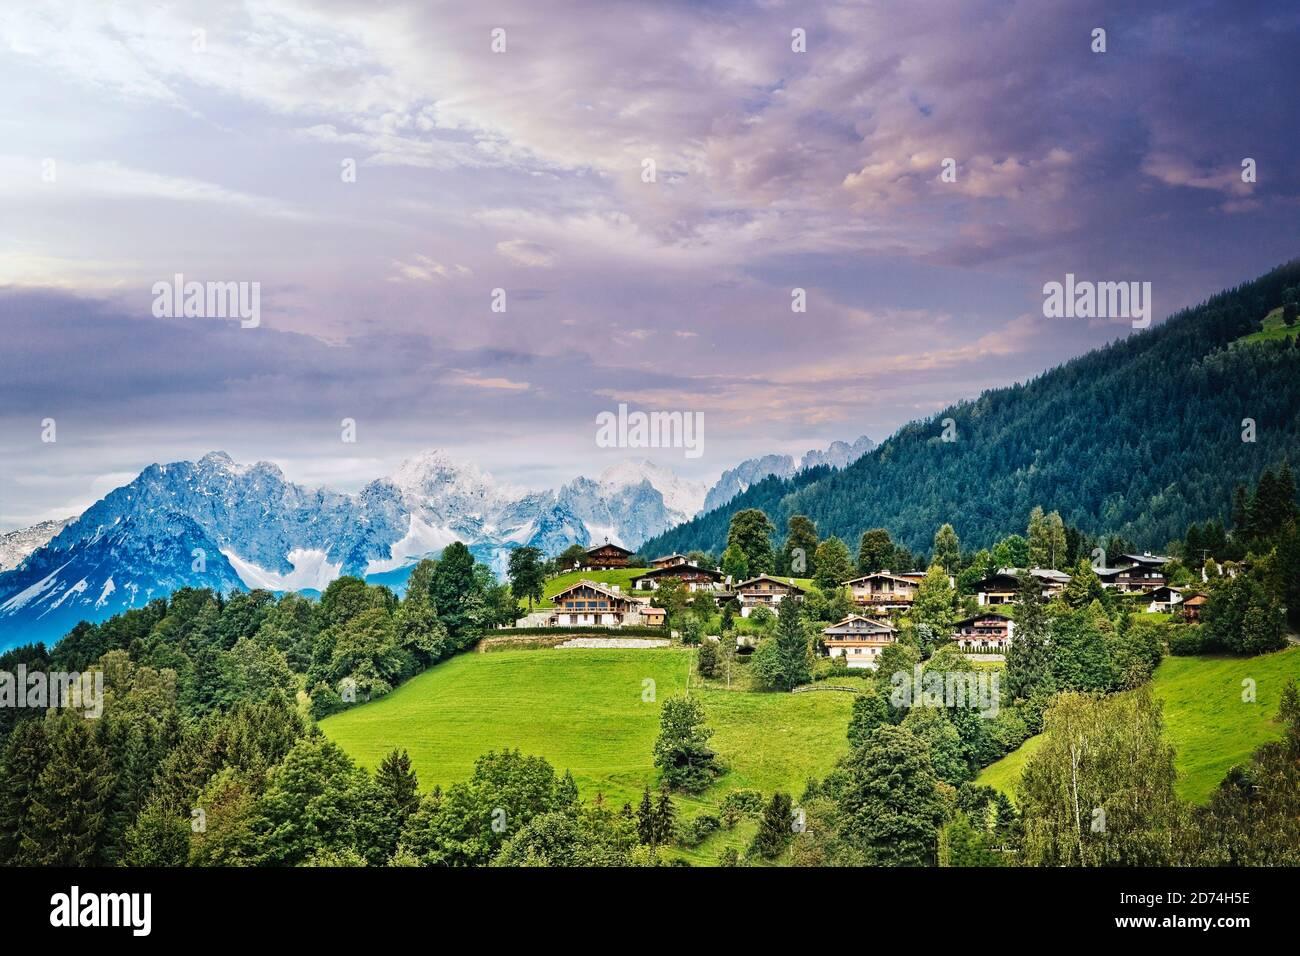 Häuser am Berghang oberhalb von Kitzbühel Österreich. Stockfoto